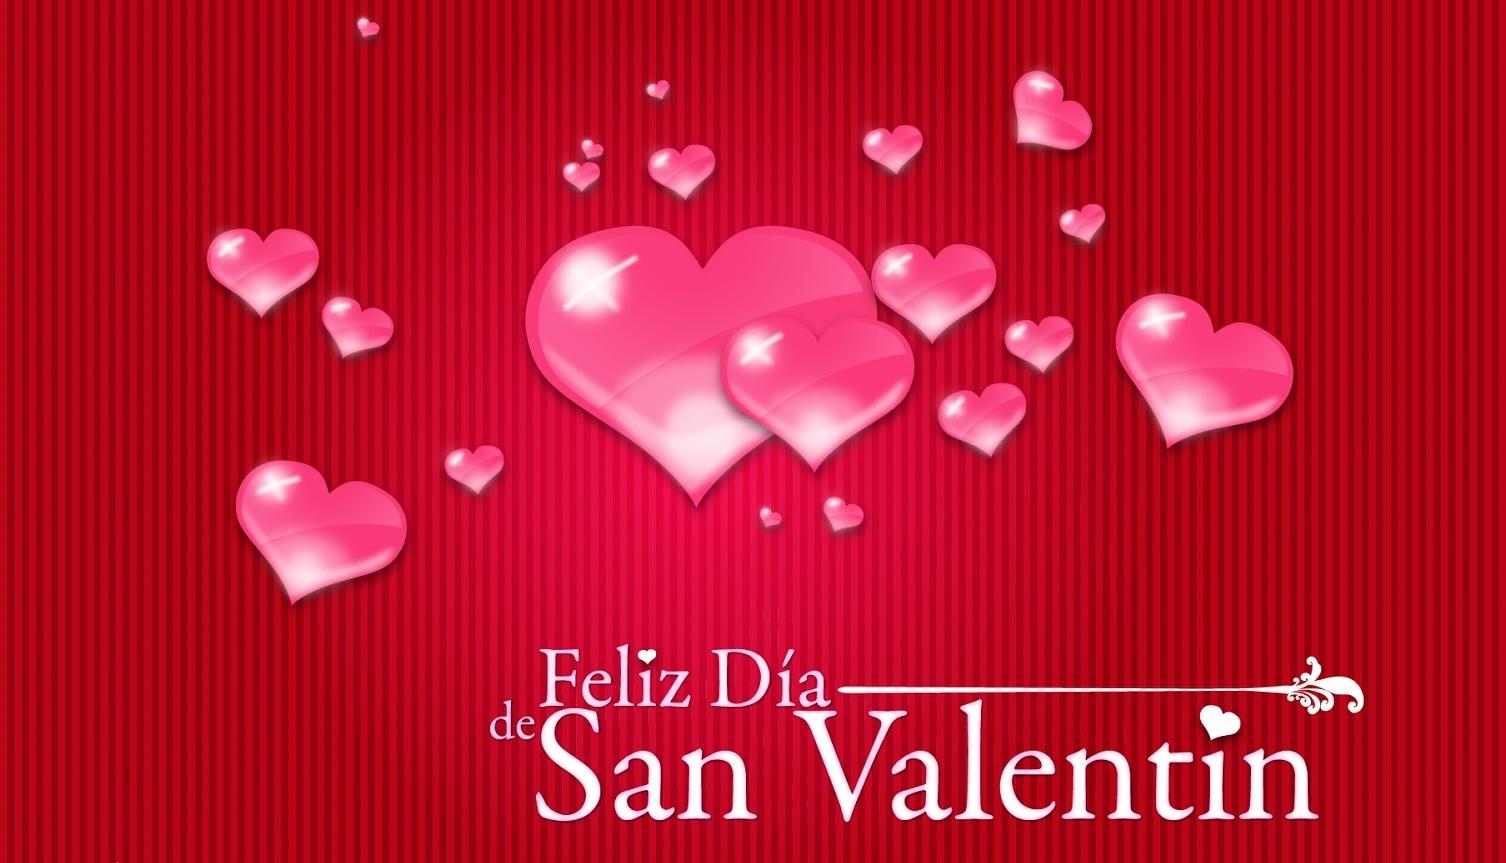 Valentines Day Quotes In Spanish Quotesgram